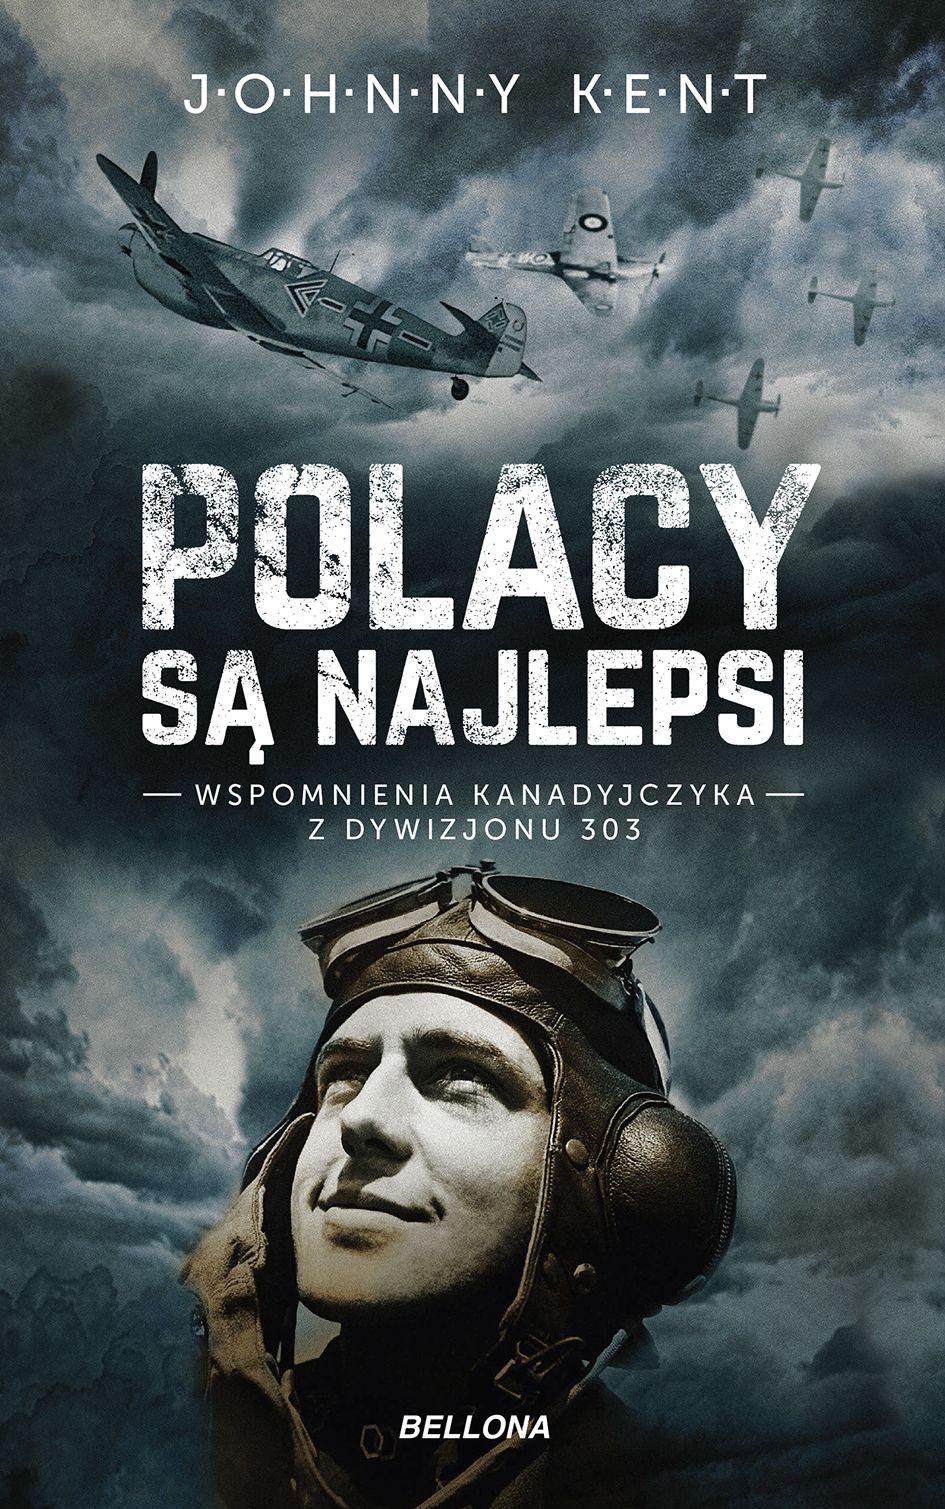 """Artykuł powstał na podstawie książki Johna A. Kenta pod tytułem """"Polacy są najlepsi. Wspomnienia kanadyjczyka z Dywizjonu 303"""" (Wydawnictwo Bellona 2017)."""